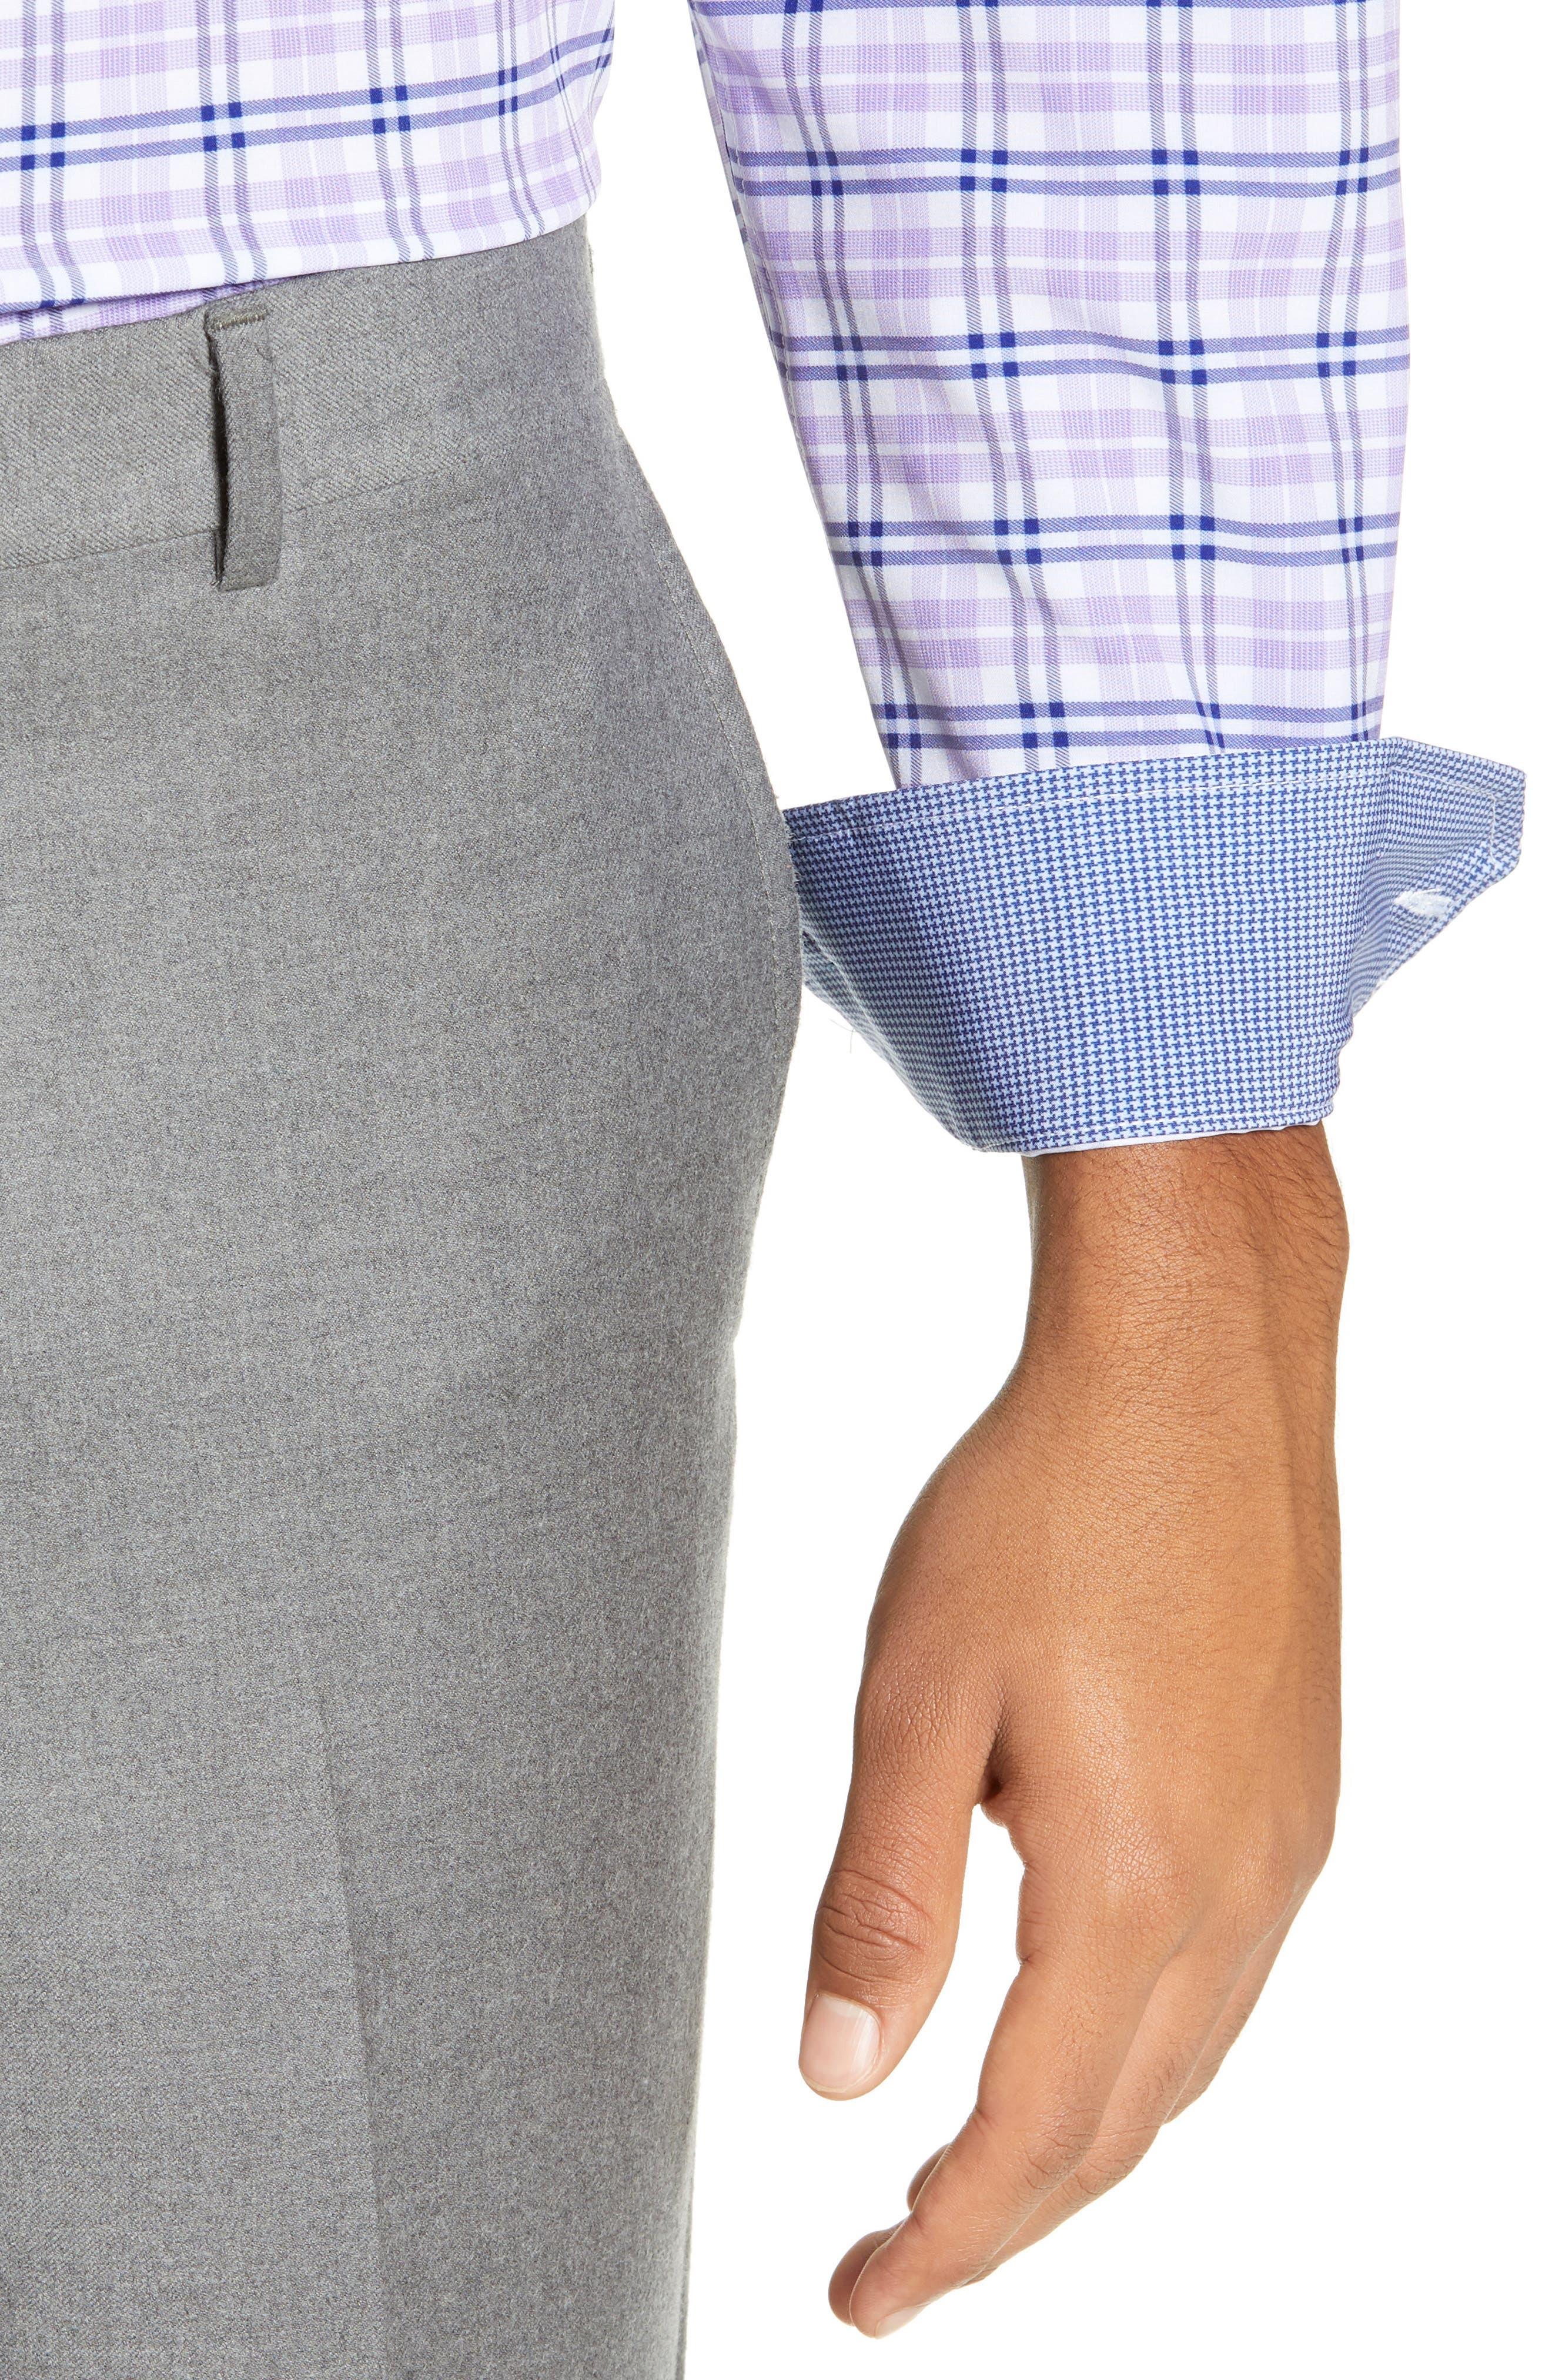 Trim Fit 4-Way Stretch Plaid Dress Shirt,                             Alternate thumbnail 2, color,                             PURPLE